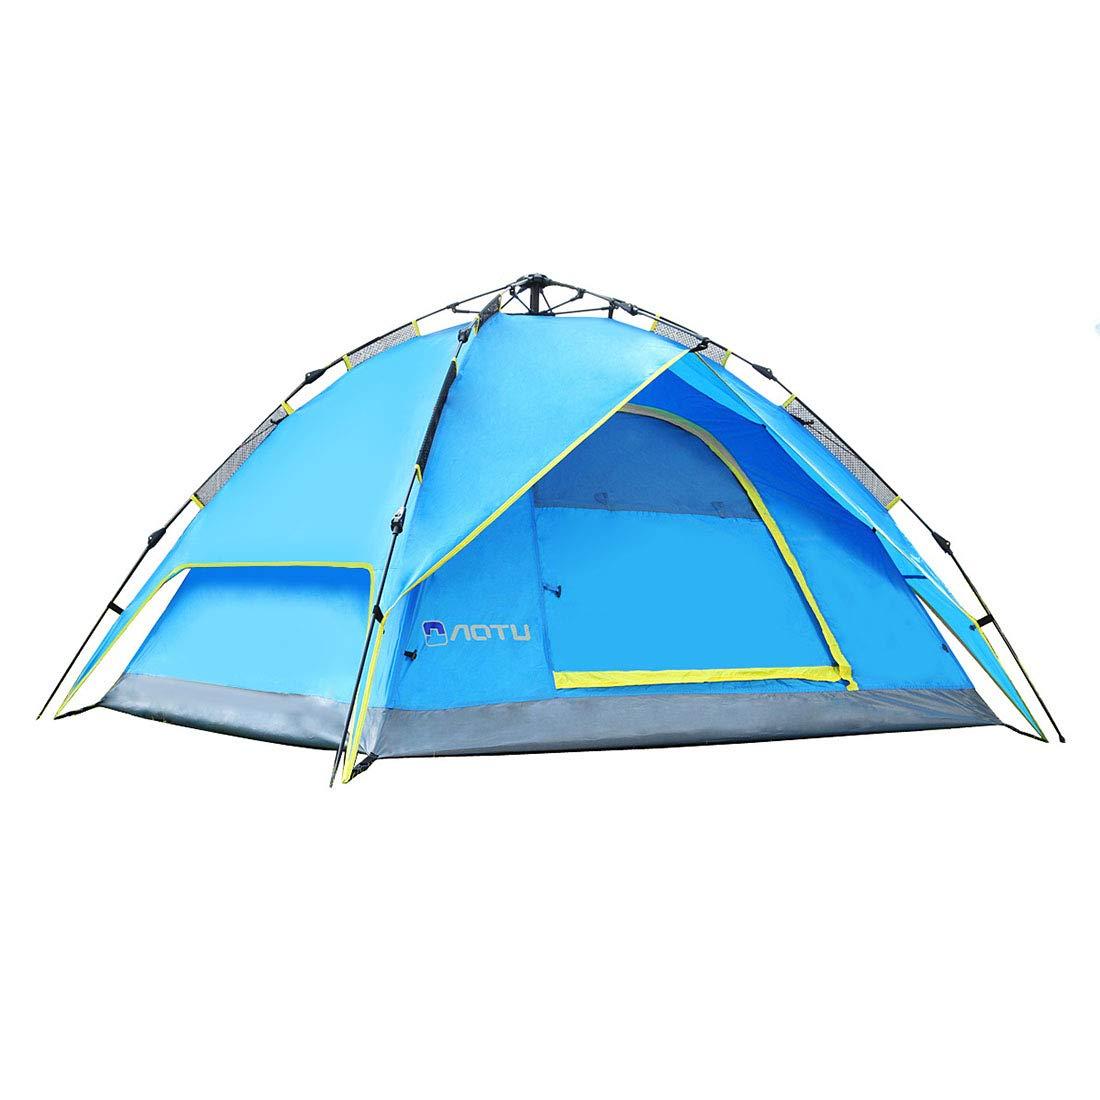 JOYIYUAN Bergsteigerzelte Free Build Speed Doppeloffen Mehrpersonen-Campingglasstab Zelt Wetterfester Wetterfester Wetterfester Sonnenschutz Wasserdichtes Zelt Geeignet für Outdoor-Sportler B07P6KB9FM Zelte Zu verkaufen 588a9f